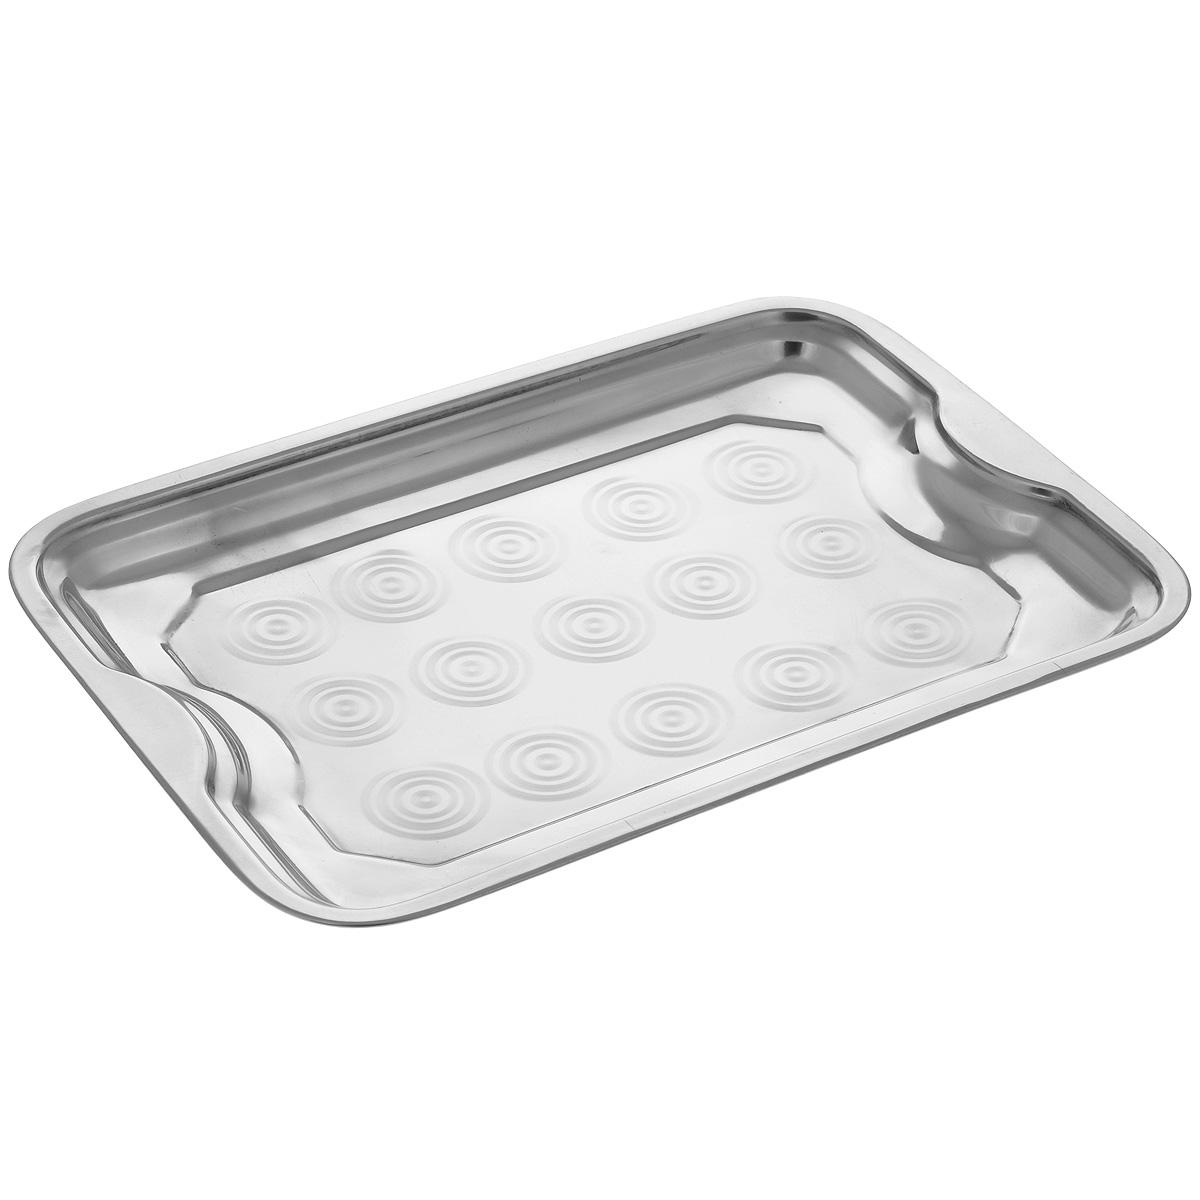 Поднос Padia, 37,5 см х 27 см115510Прямоугольный поднос Padia выполнен из серебряно-нержавеющей стали. Он отлично подойдет для красивой сервировки различных блюд, закусок и фруктов на праздничном столе. Благодаря двум ручкам поднос с легкостью можно переносить с места на место. Поднос Padia займет достойное место на вашей кухне. Размер подноса: 37,5 см х 27 см х 2,5 см.